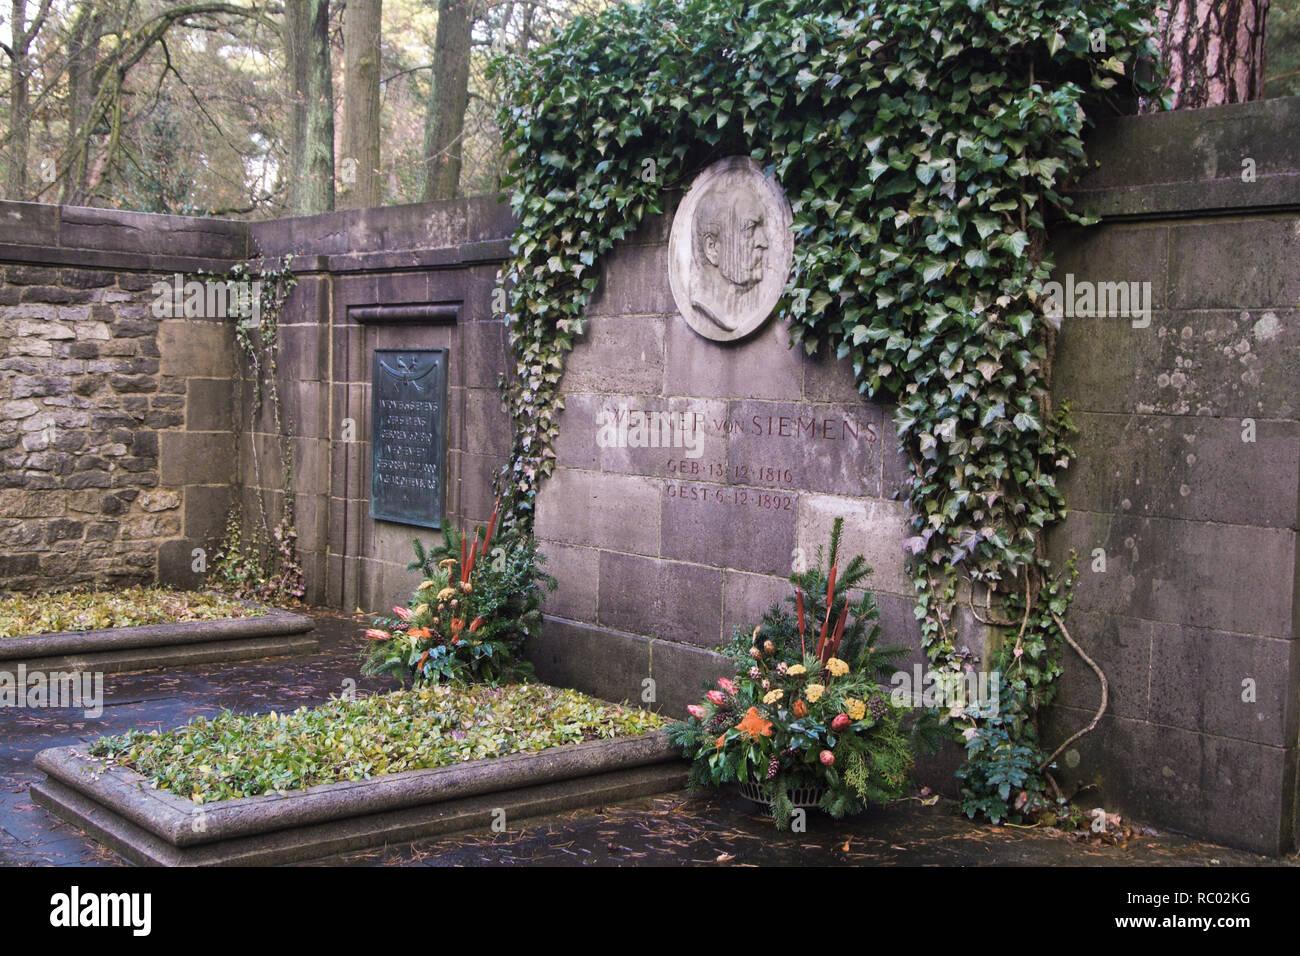 Südwest Kirchhof Stahnsdorf, Grabstätte der Familie von Siemens, Werner von Siemens, Industrieller, Berlin, Deutschland, Europa | Southwest Churchyard Stock Photo